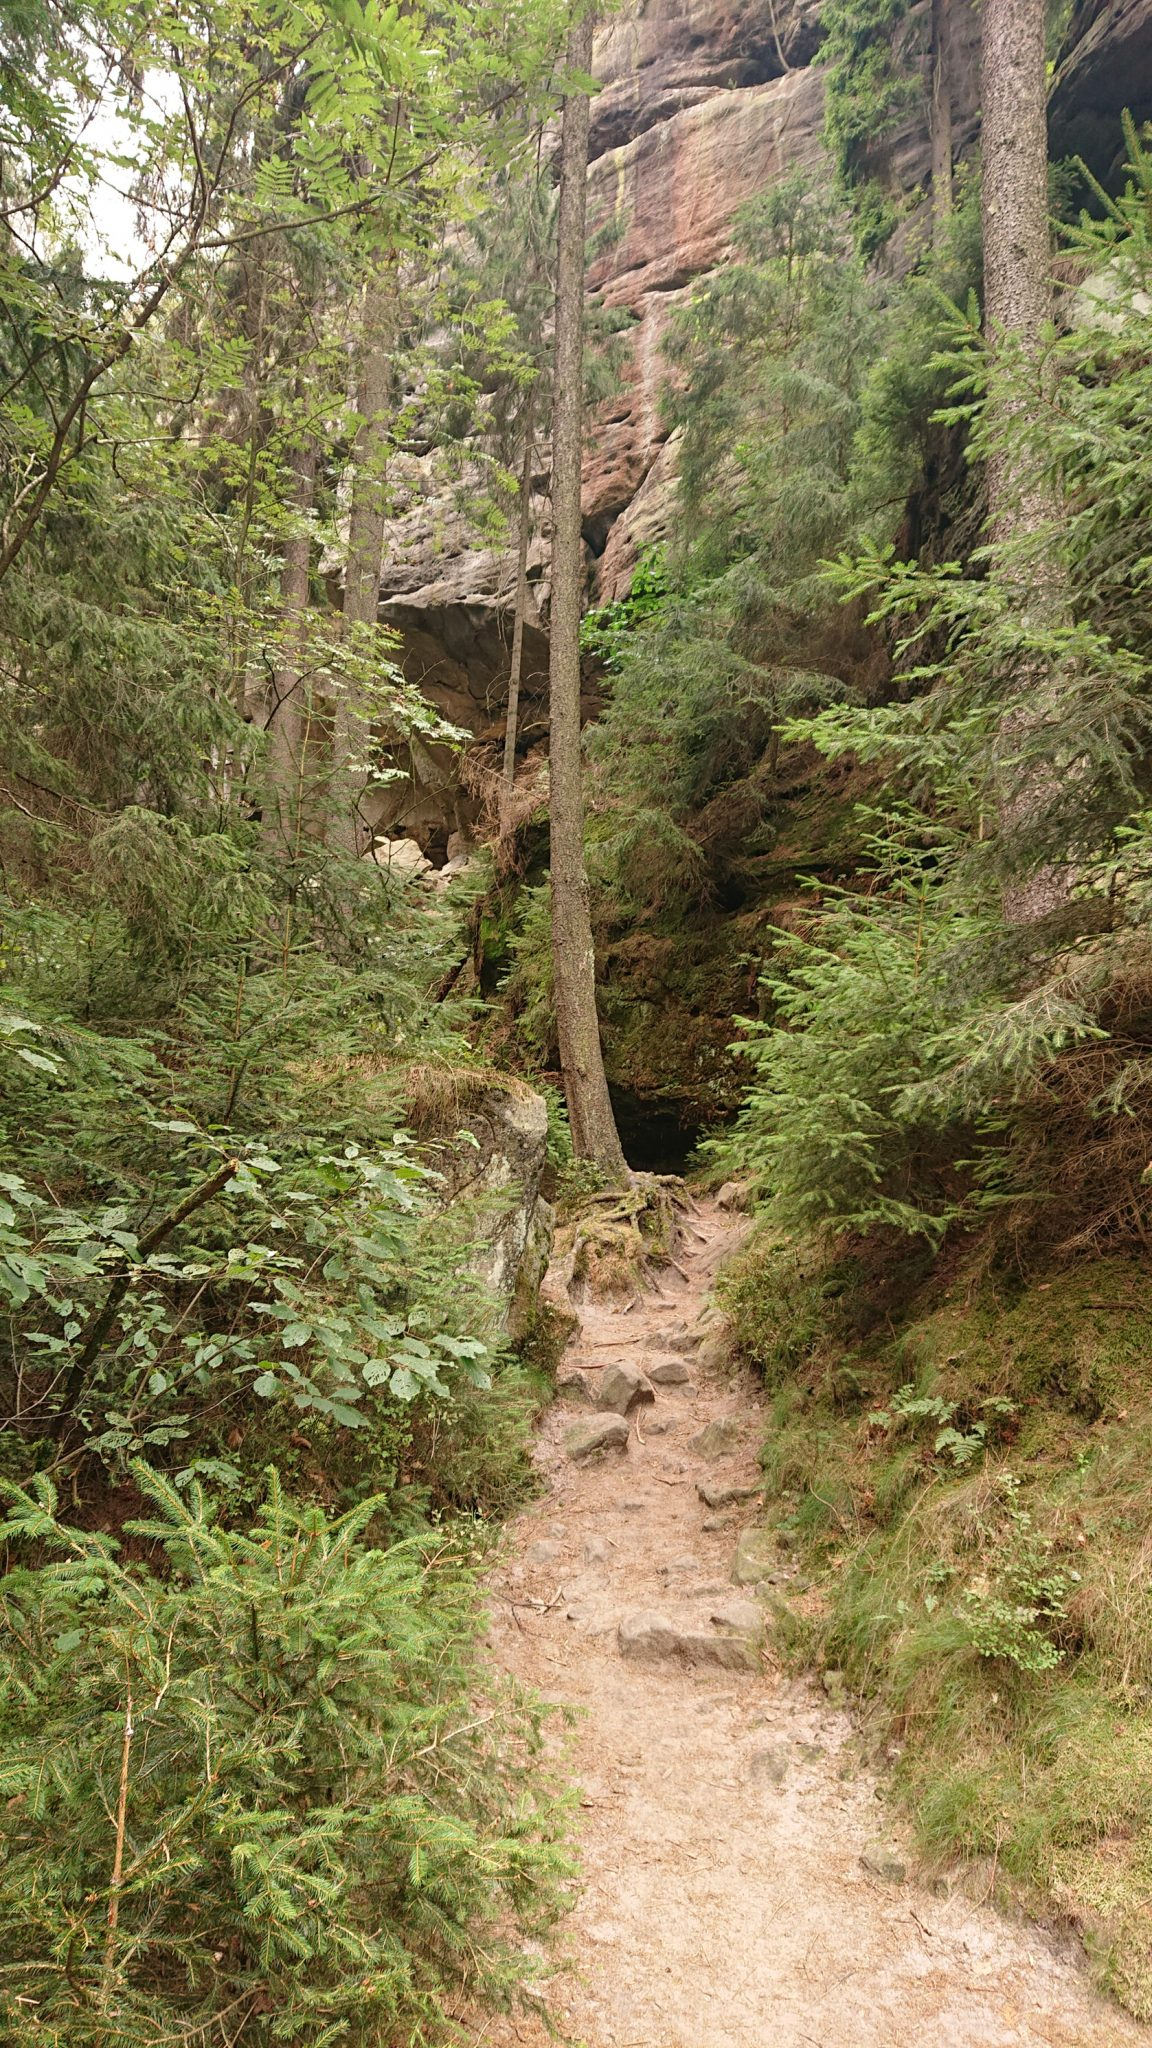 Wanderung durch Polenztal zur Bastei und zu Schwedenlöcher, Wanderweg zur Gautschgrotte in der Nähe vom Polenztal